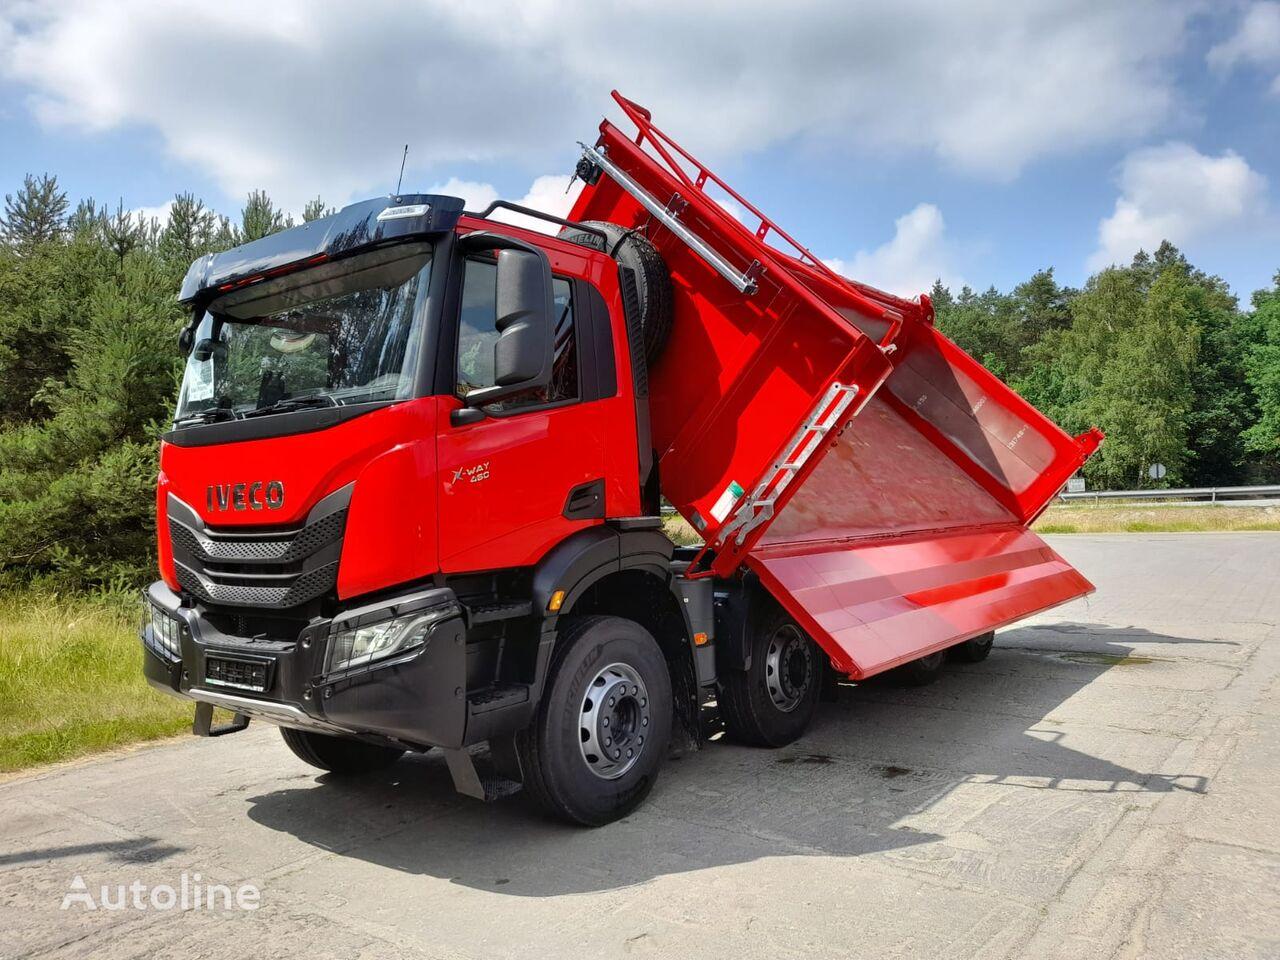 new IVECO X-WAY 460 dump truck